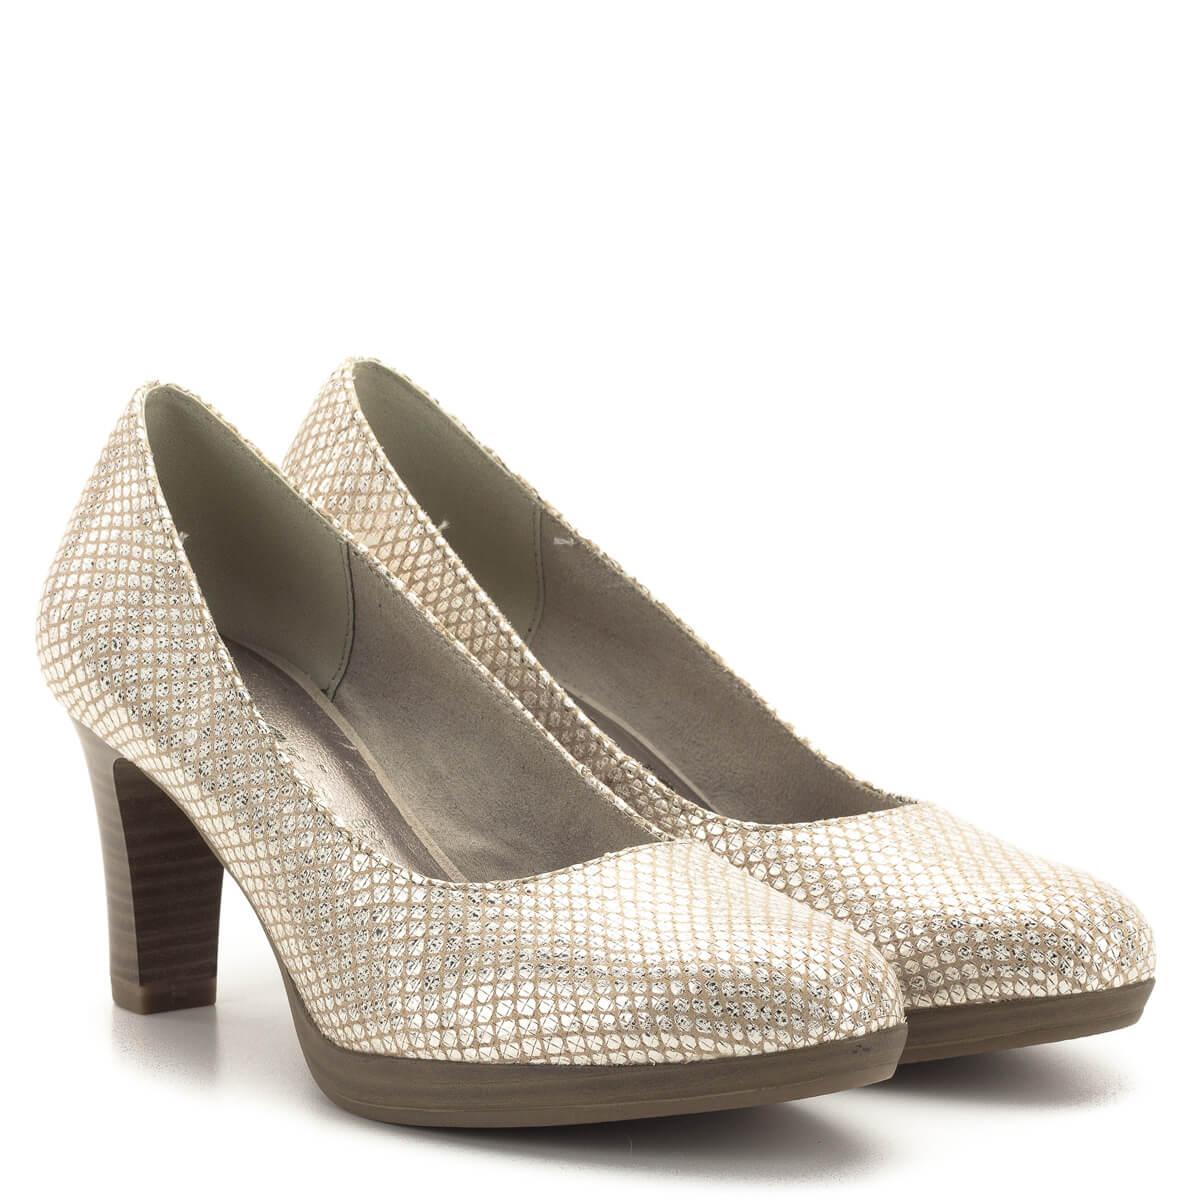 f2a3eb4fc23b Tamaris platformos női cipő 7,5 cm-es sarokkal,